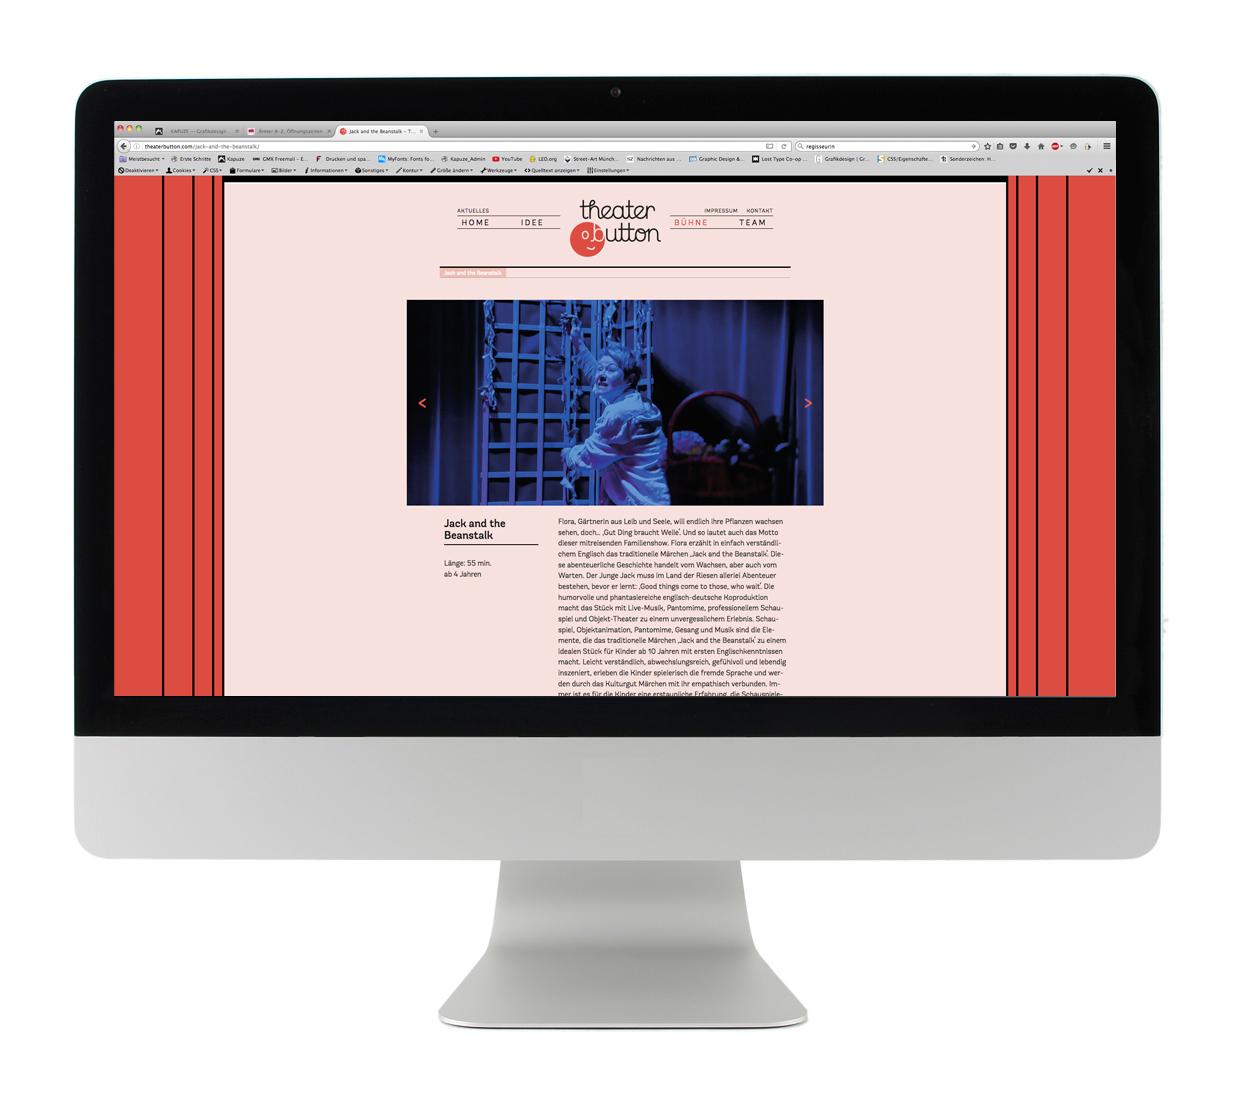 tb_screen-4.jpg